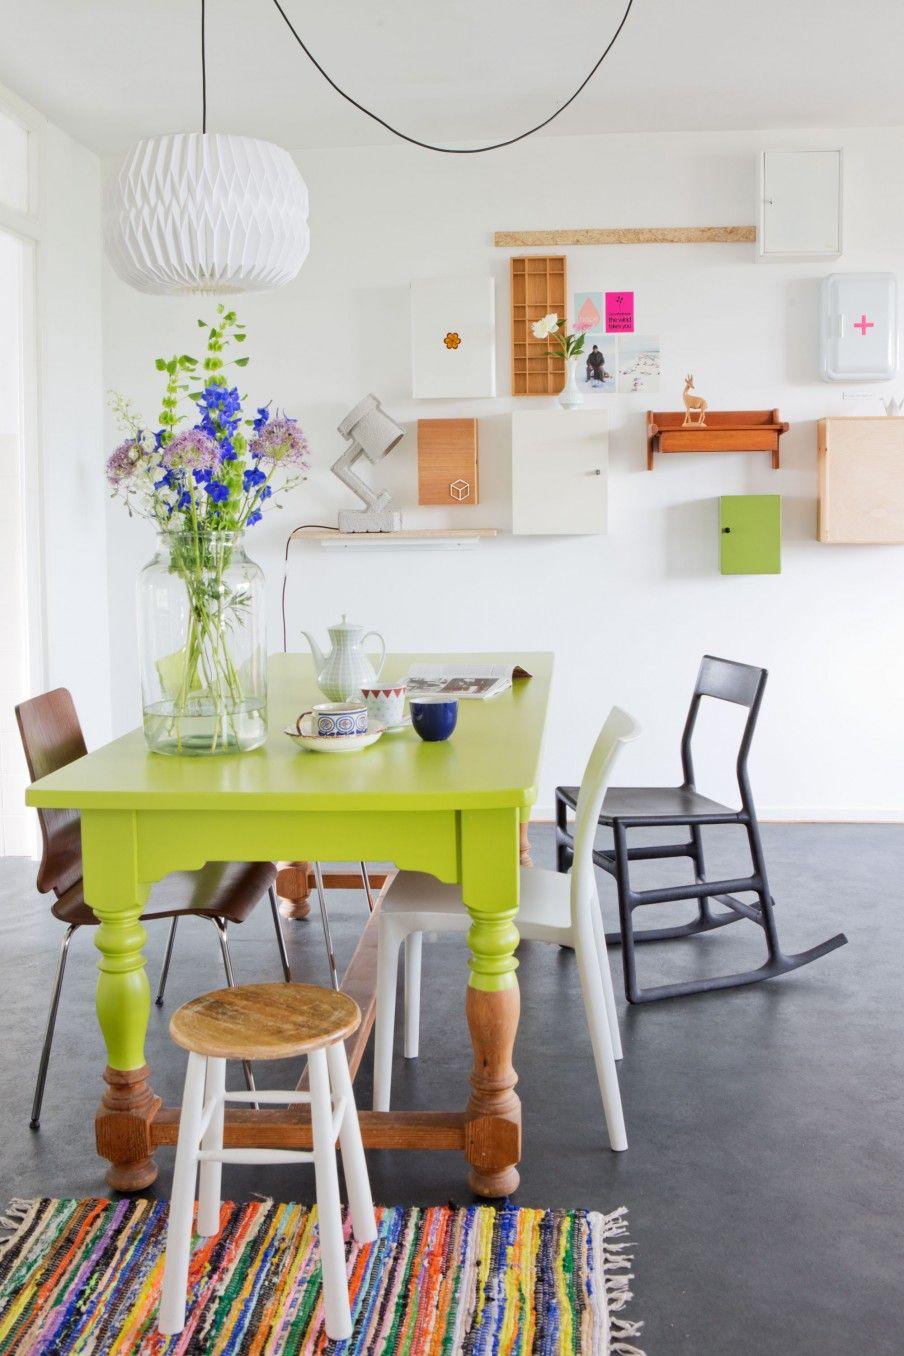 Galerijflat in Alkmaar | Photographer Jeltje Janmaat | vtwonen januari 2015 | #vtwonen #magazine #interior #diningroom #flowers #green #table #chair #color